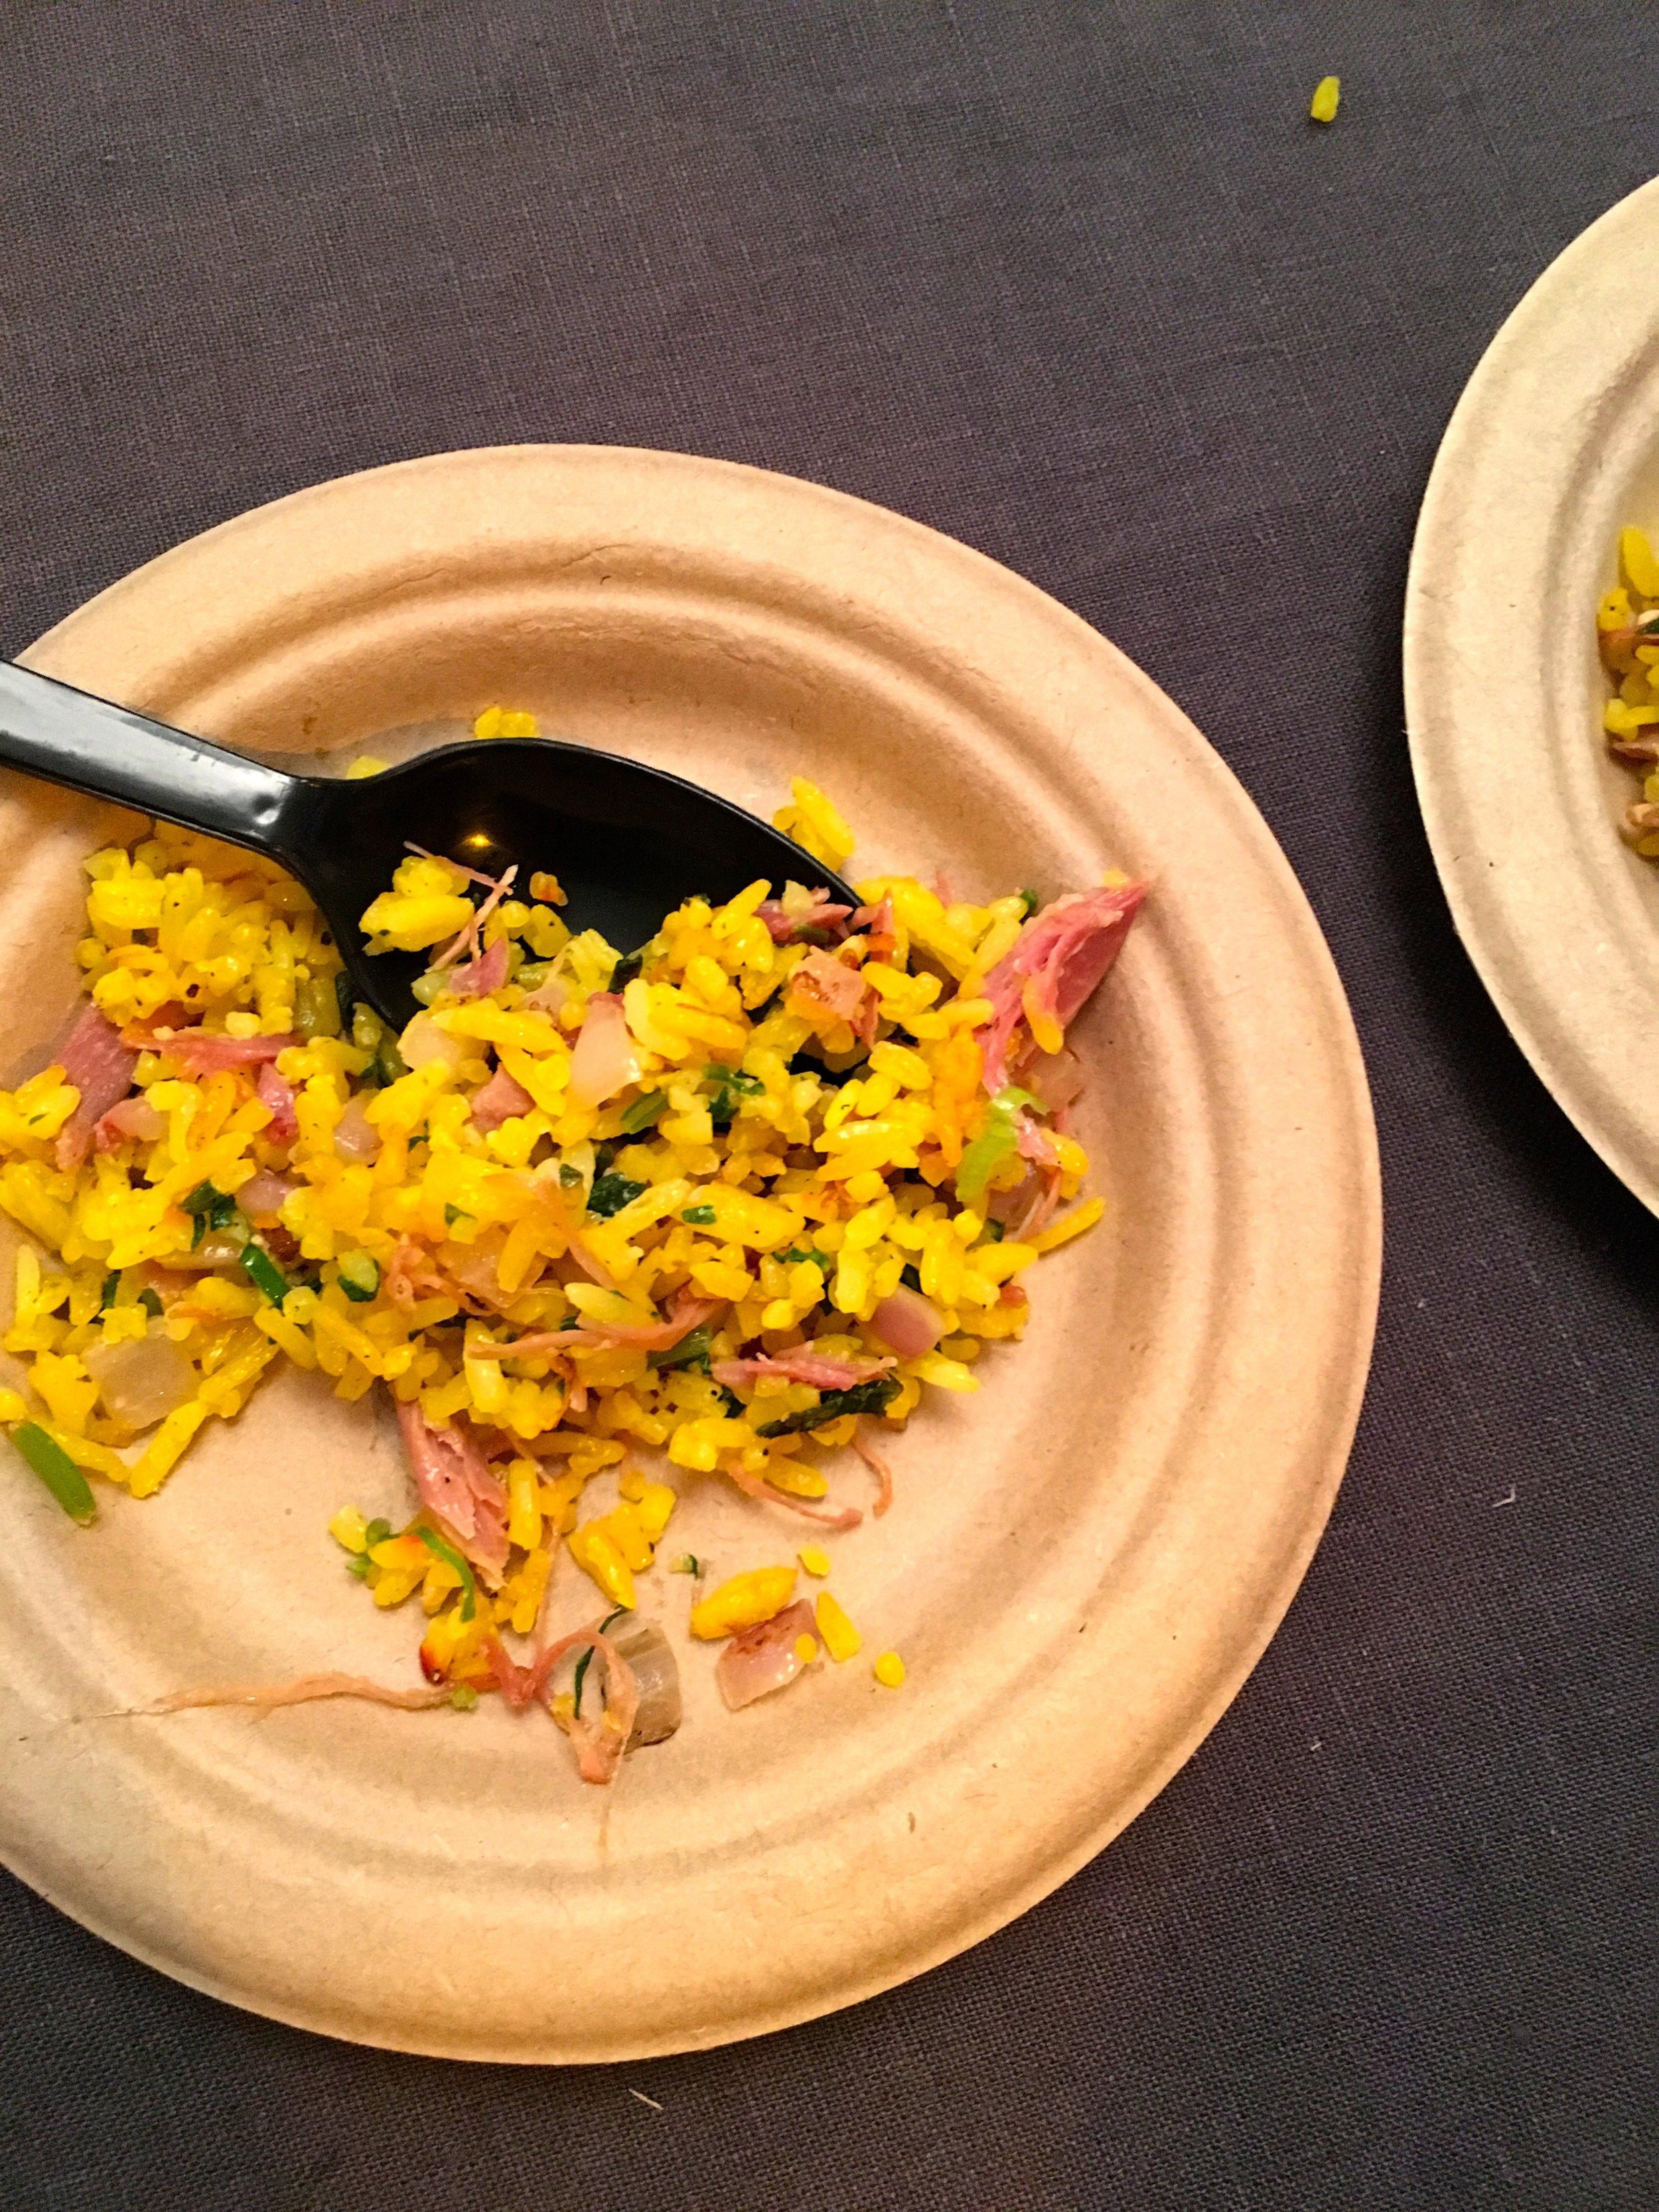 Saffron Fried Rice. Duck Confit, Lacinato Kale, Sundried Blueberries. Viviane.